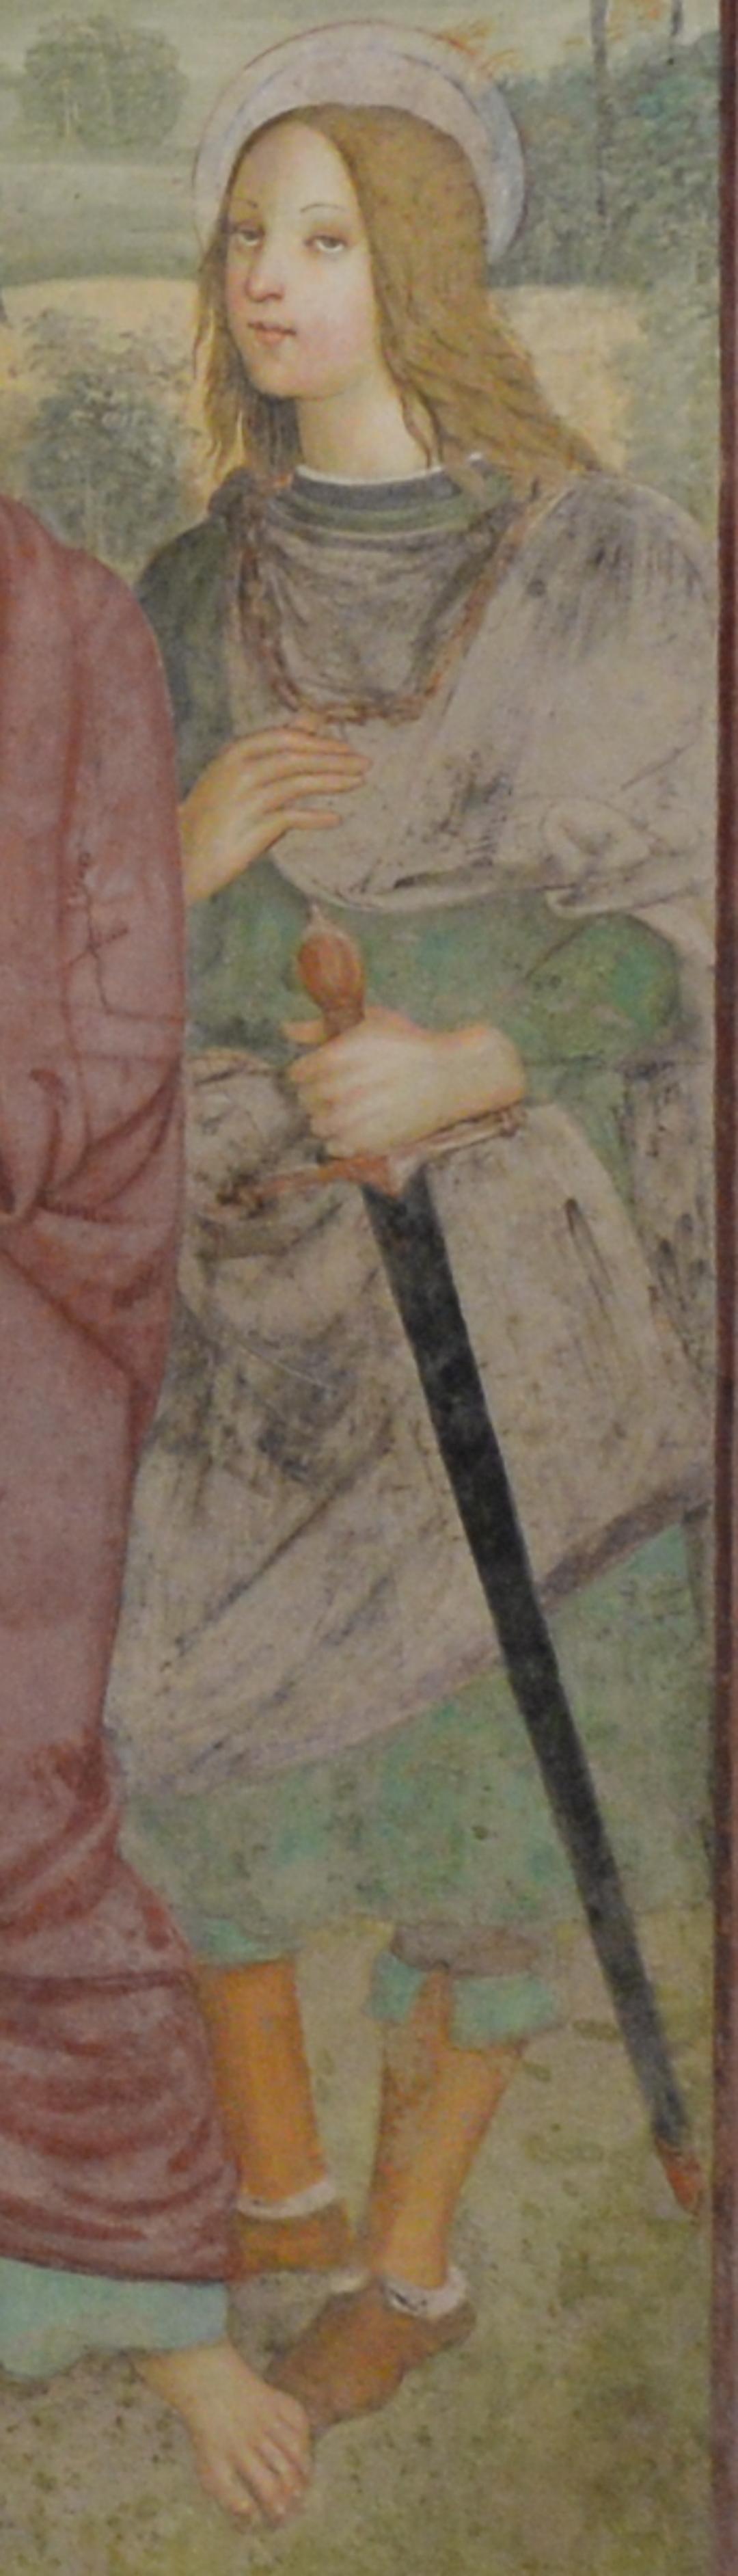 Pieve di S. Ippolito - particolare